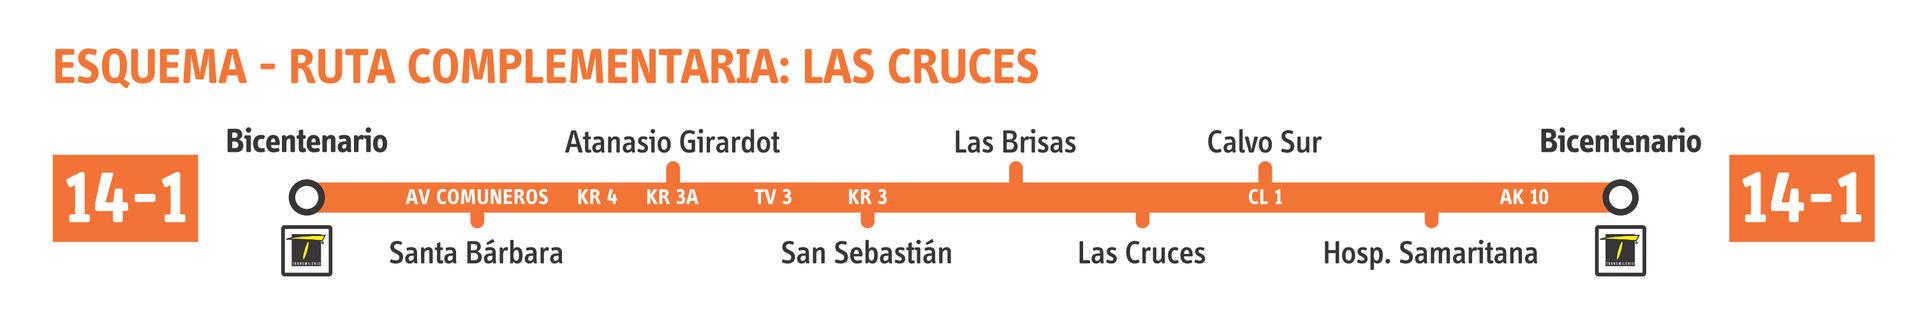 Ruta SITP: 14-1 → Las Cruces [Complementaria] 2